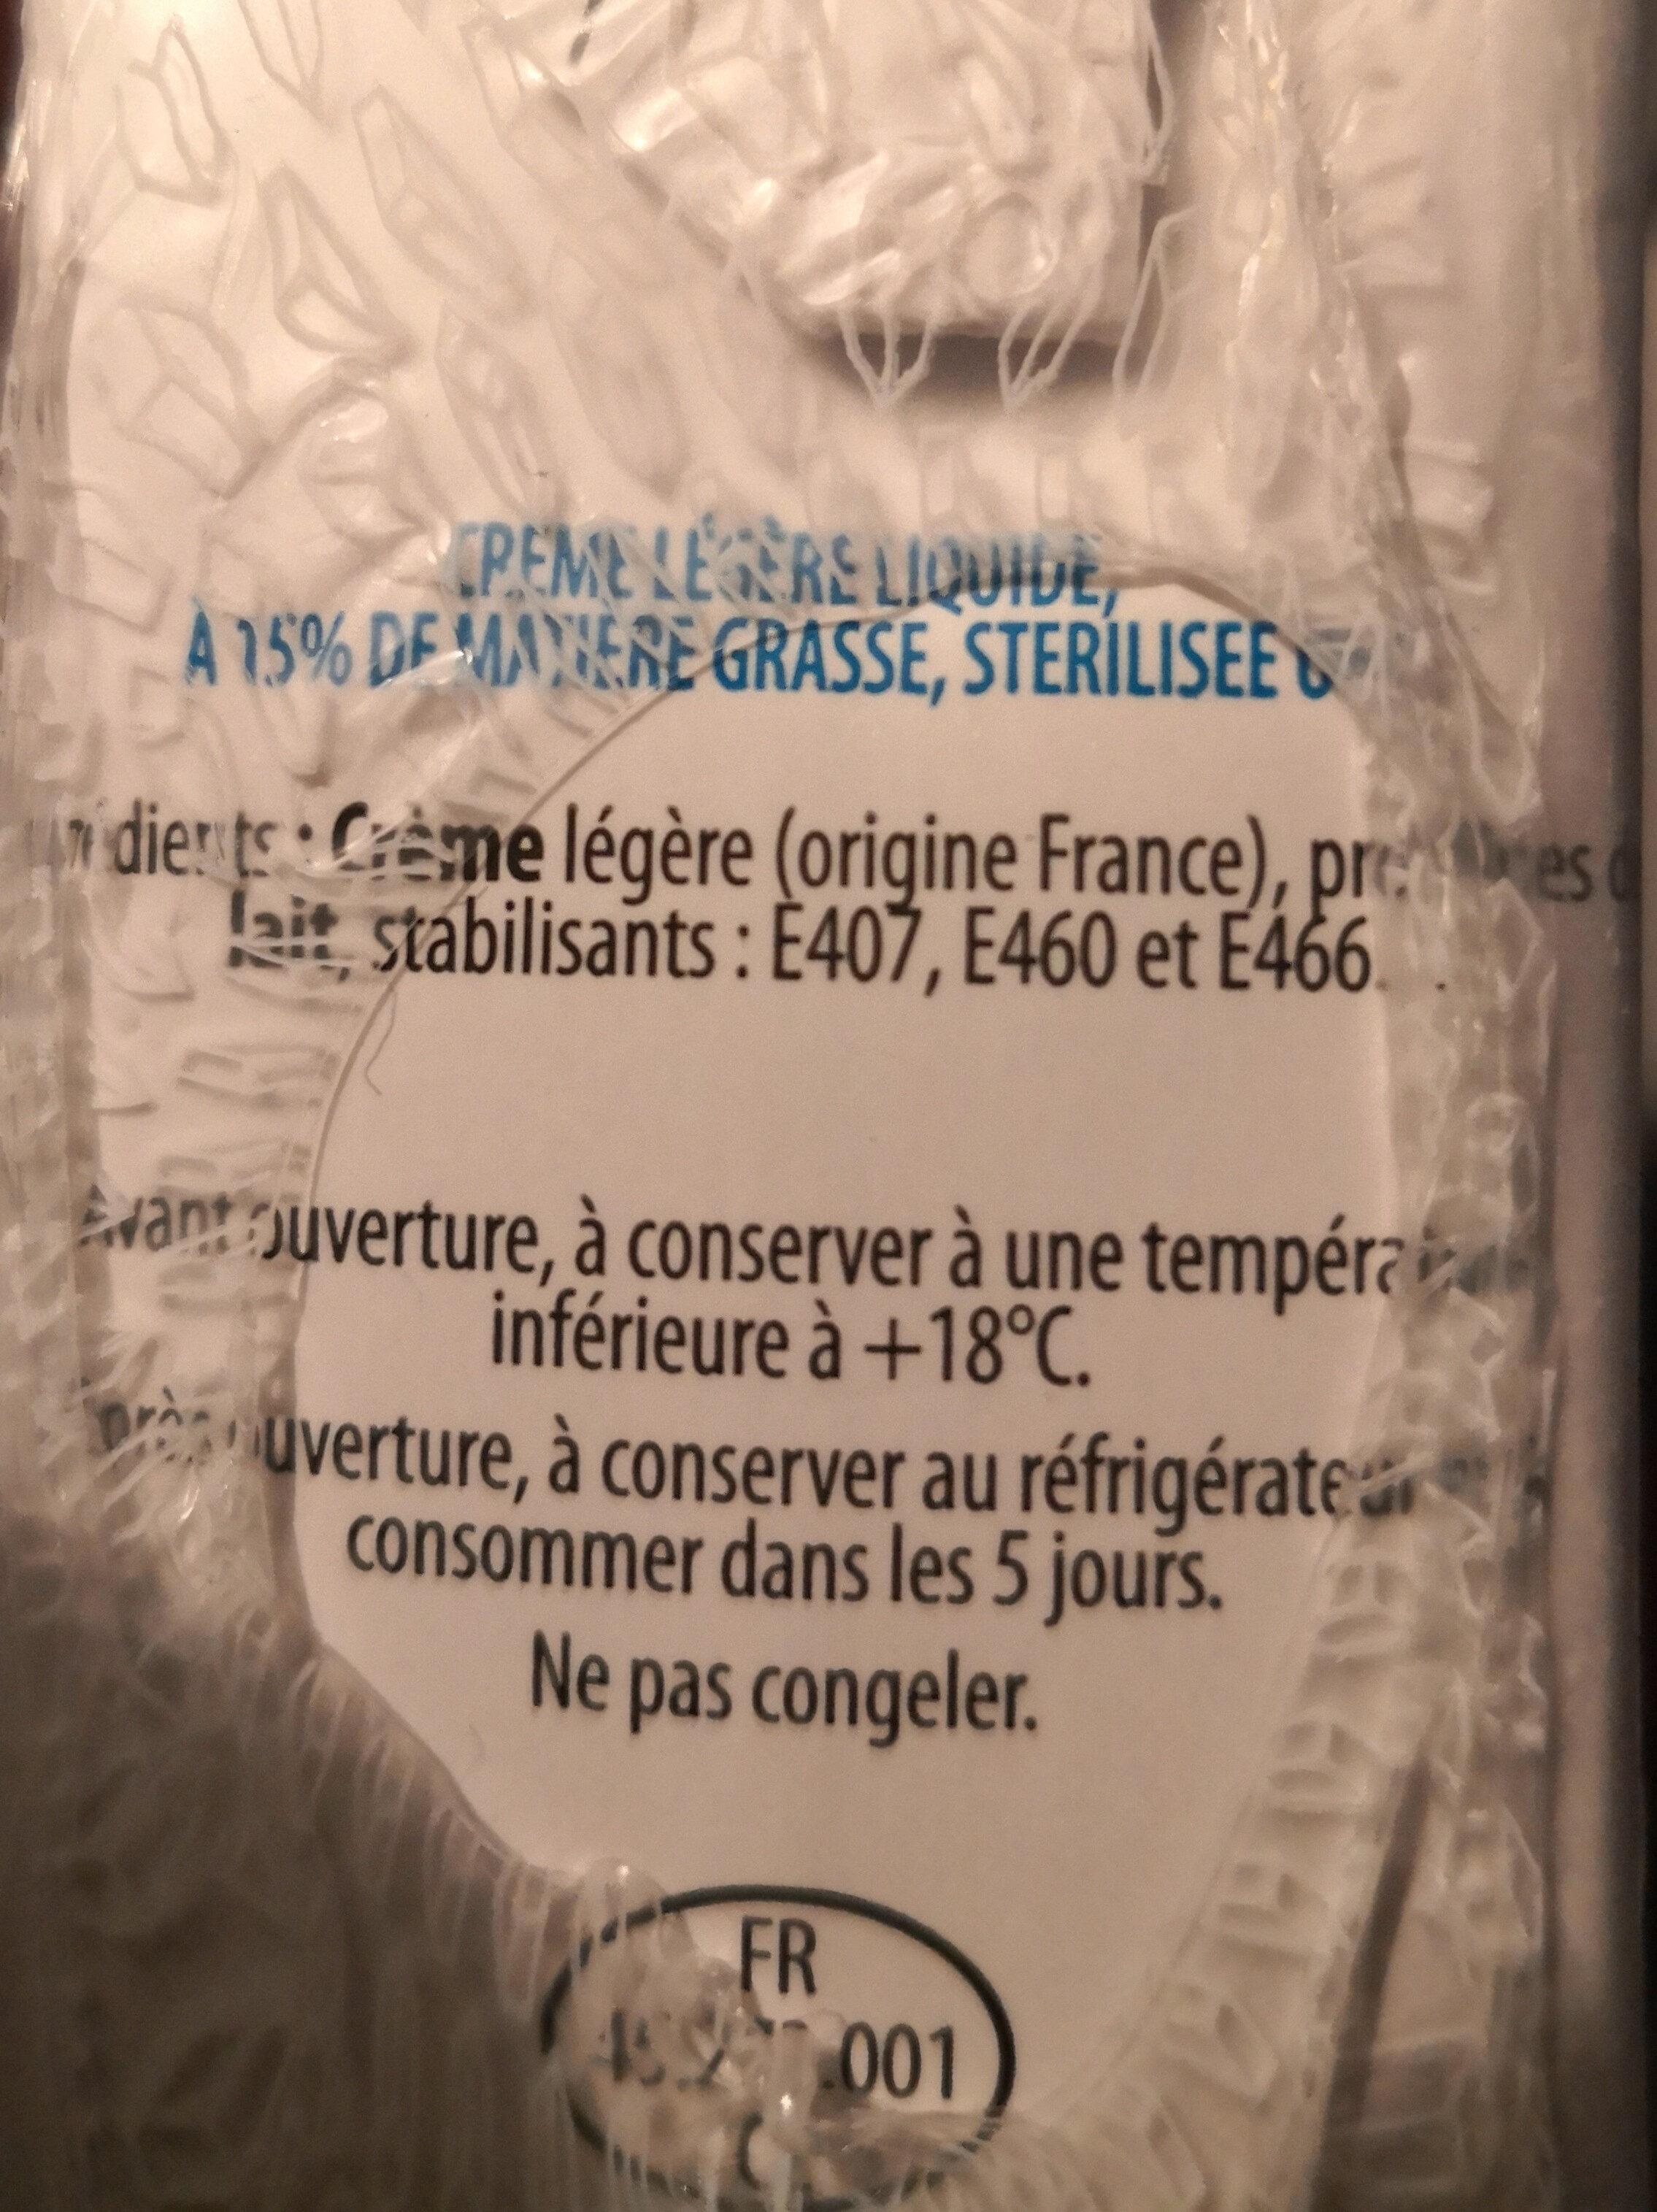 Crème légère liquide (15% MG) - Ingrédients - fr